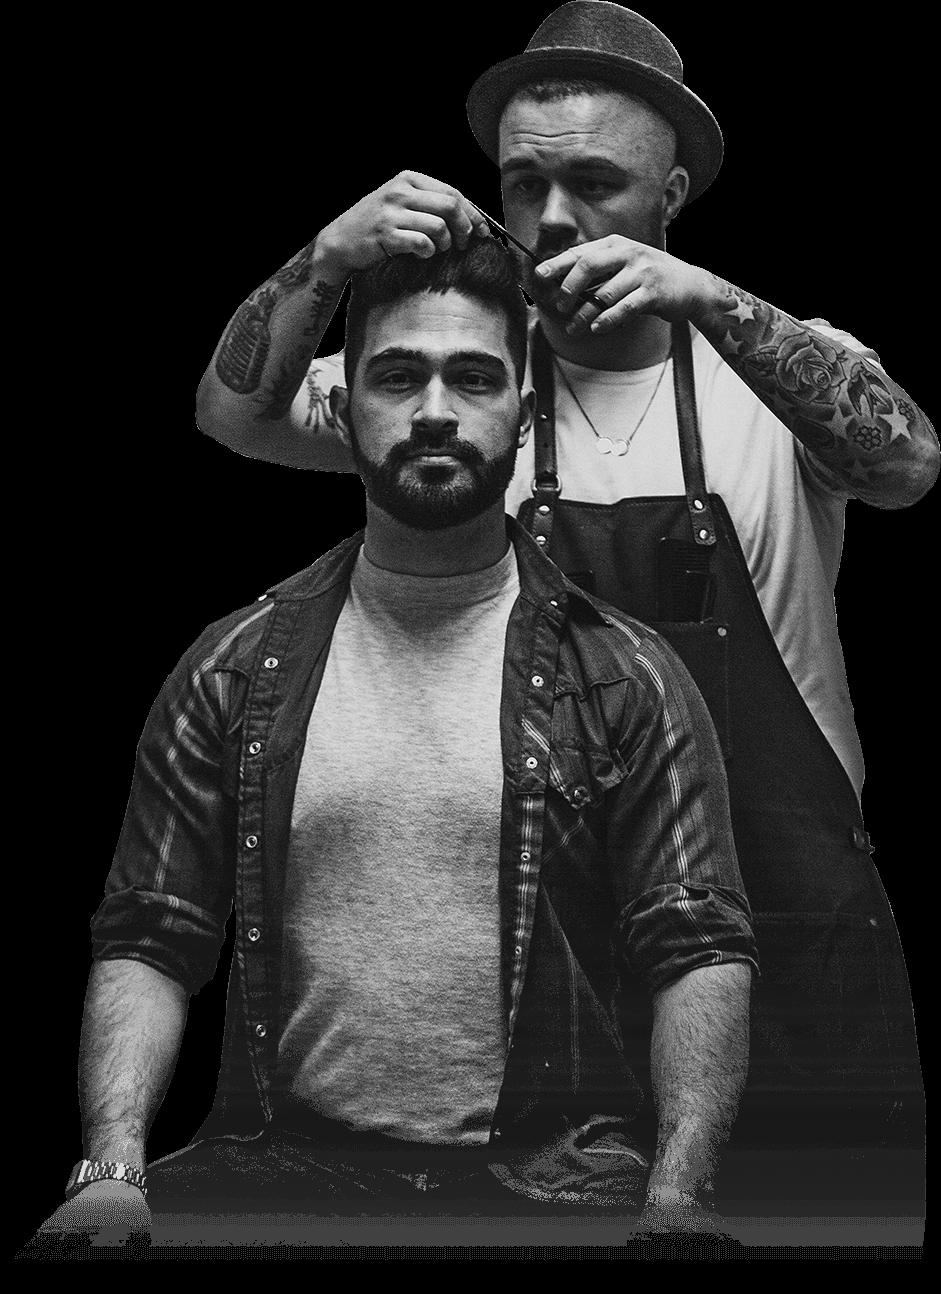 BarberInk.ro - Barbershop - Frizerie - Home